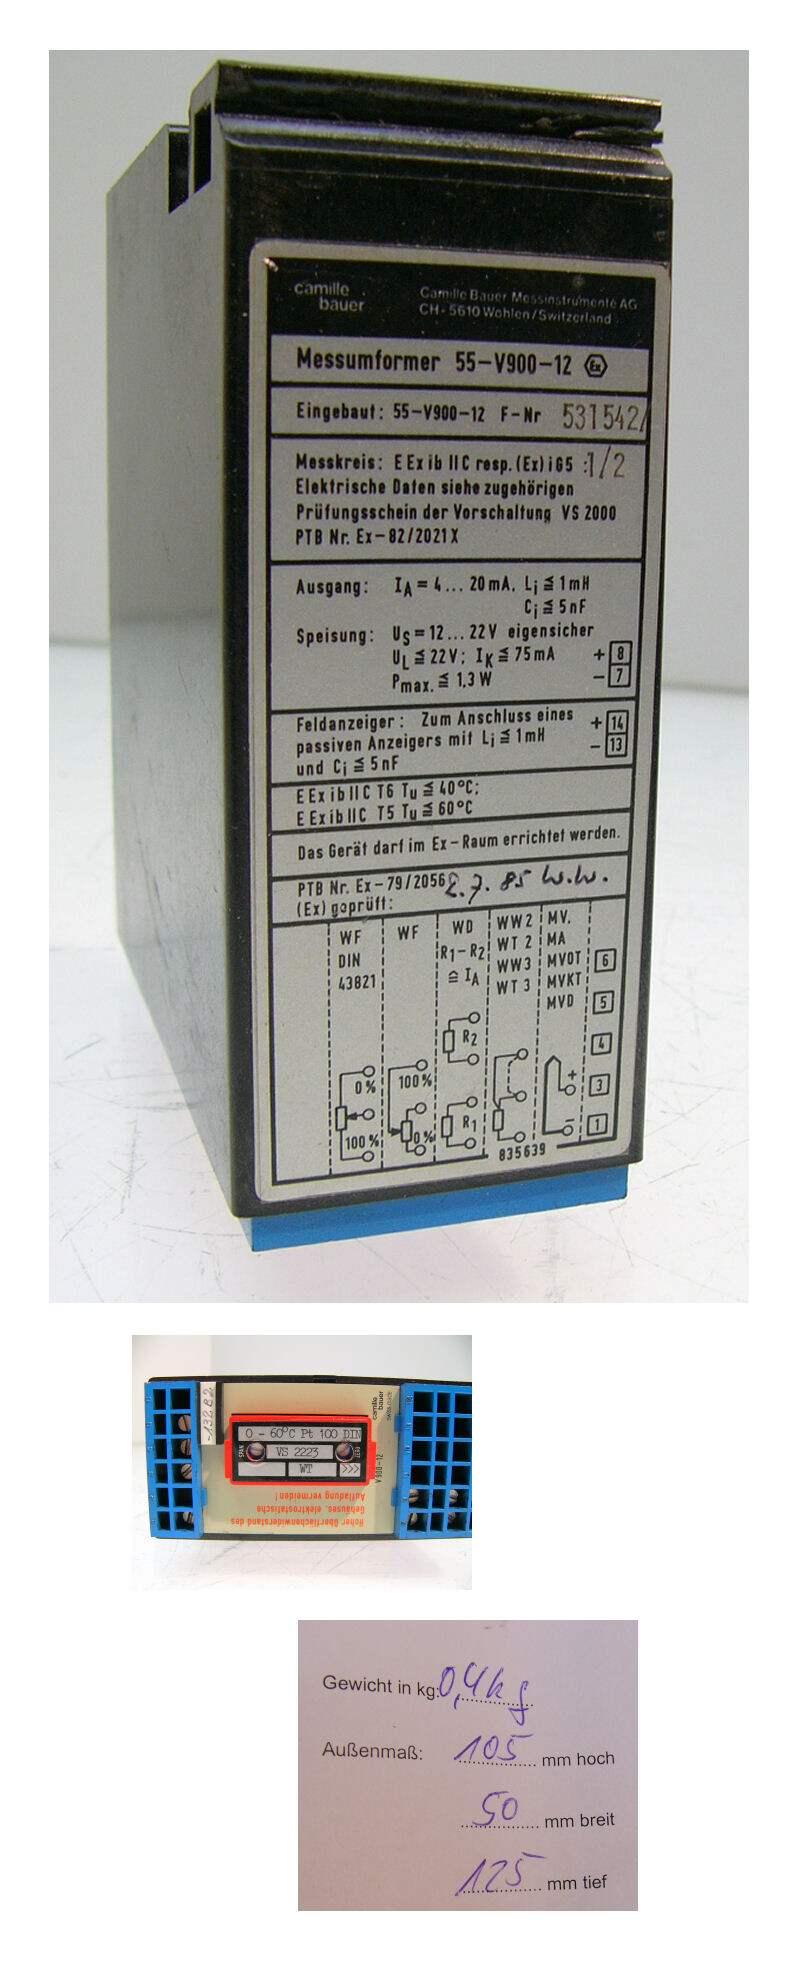 Camille bauer Messumformer 55-V900-12 PT100 VS2223